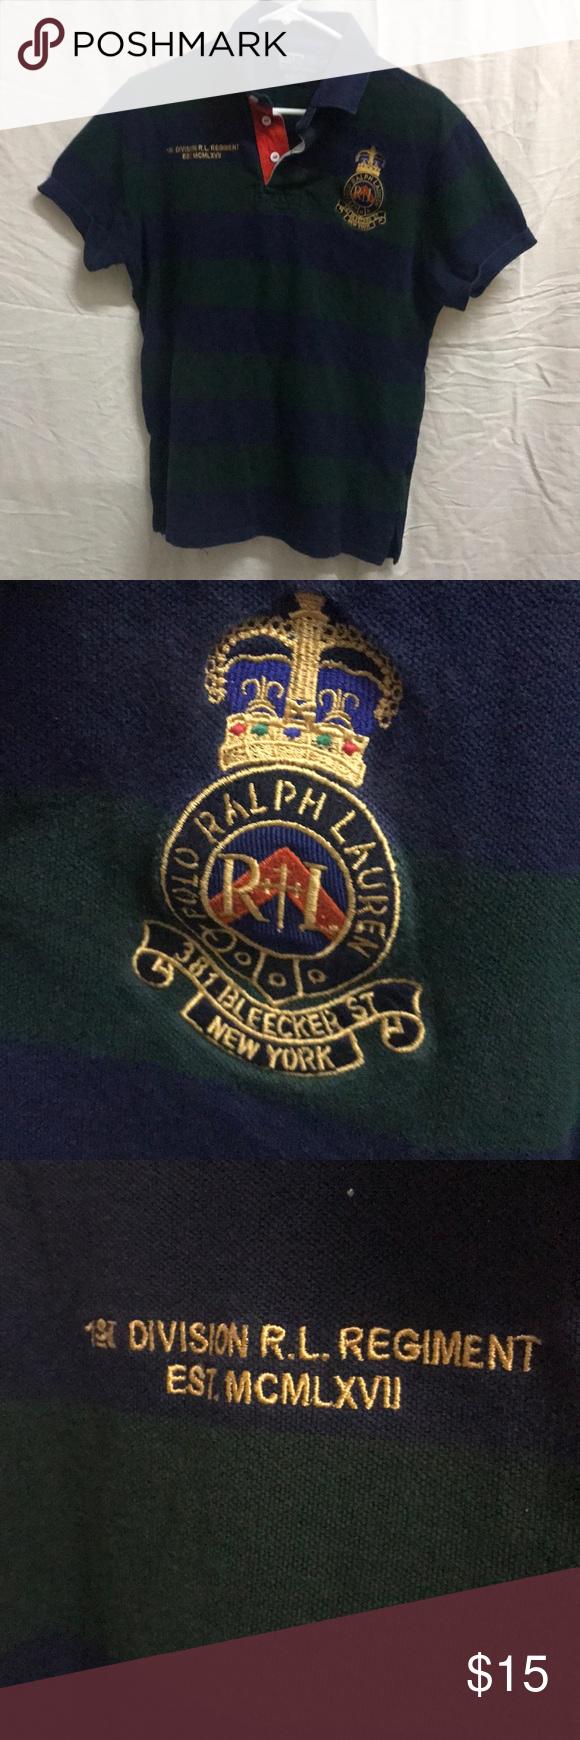 f389c17f0c5e7 Vintage Ralph Lauren Polo Regiment Shirt Size L In good shape Polo by Ralph  Lauren Shirts Polos